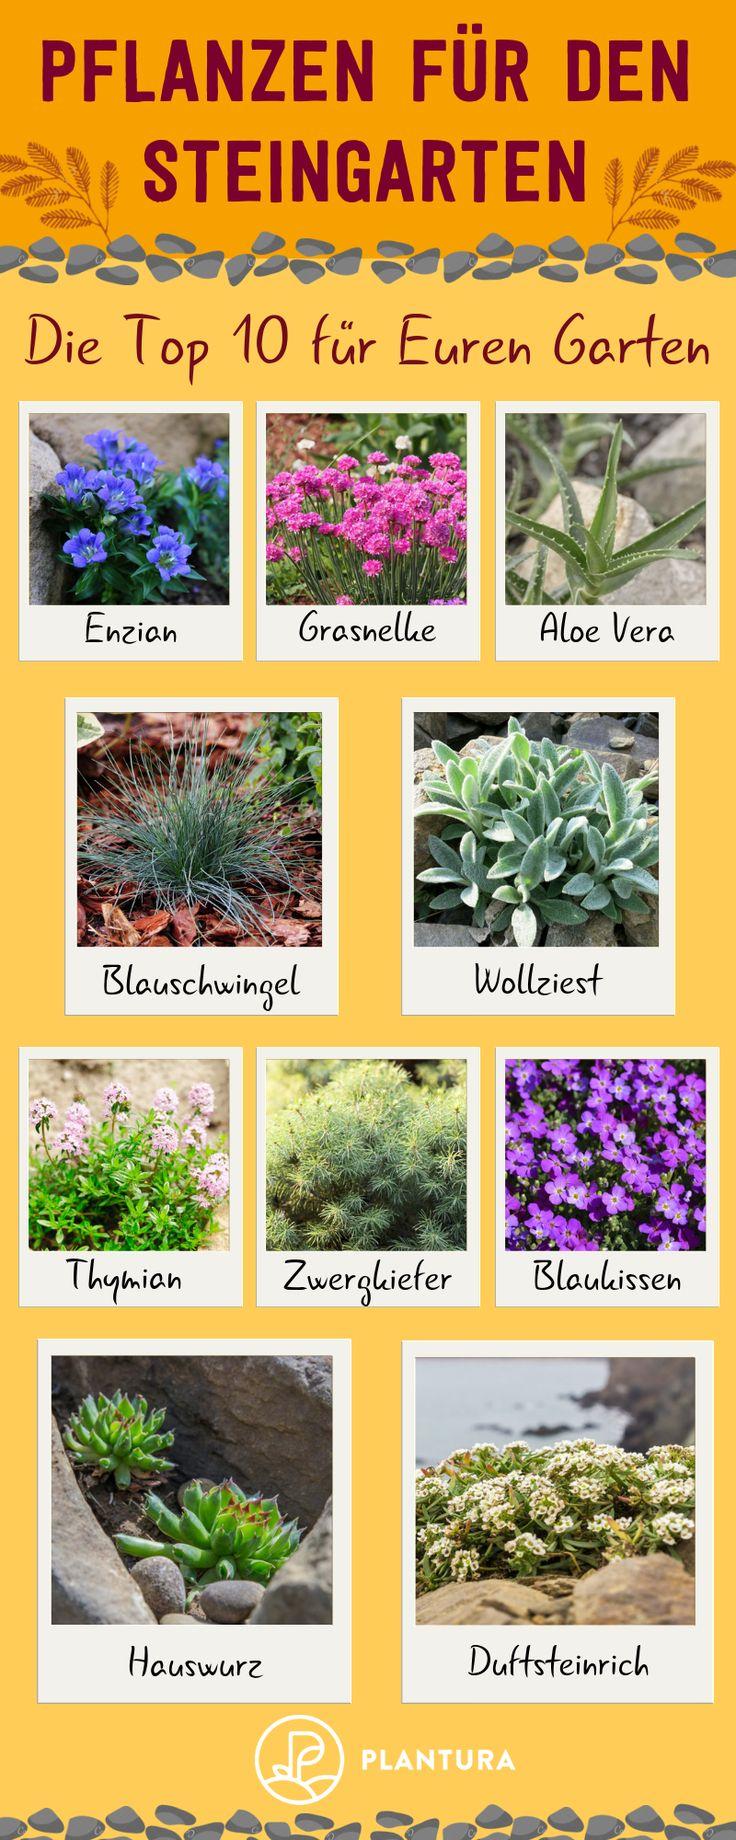 Pflanzen für den Steingarten: Unsere Top 10